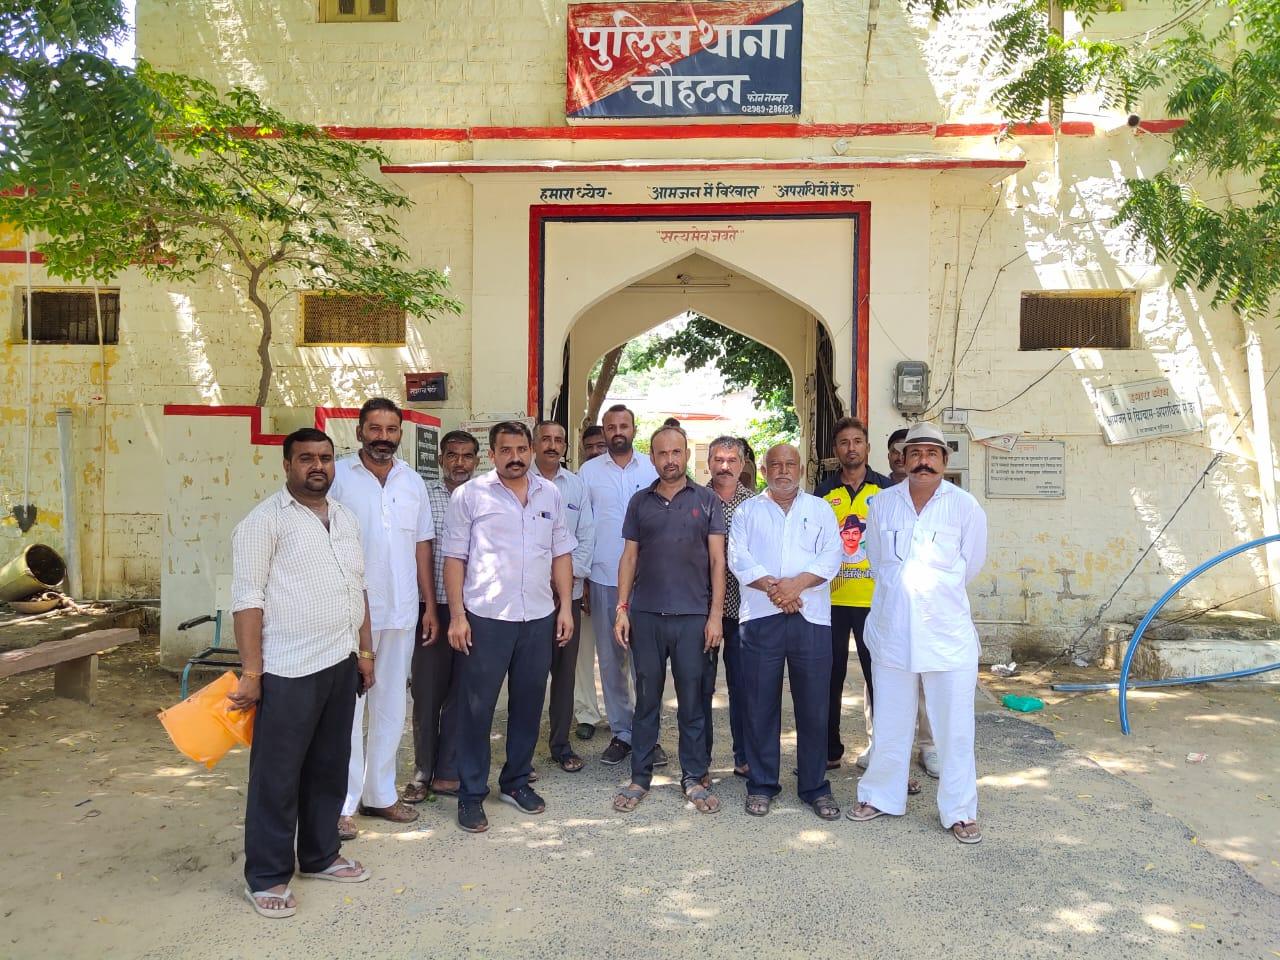 दुकान में घुसकर चार बदमाशों ने व्यापारी से मांगे शराब के लिए रुपए, मना करने पर व्यापारी के साथ की मारपीट|बाड़मेर,Barmer - Dainik Bhaskar